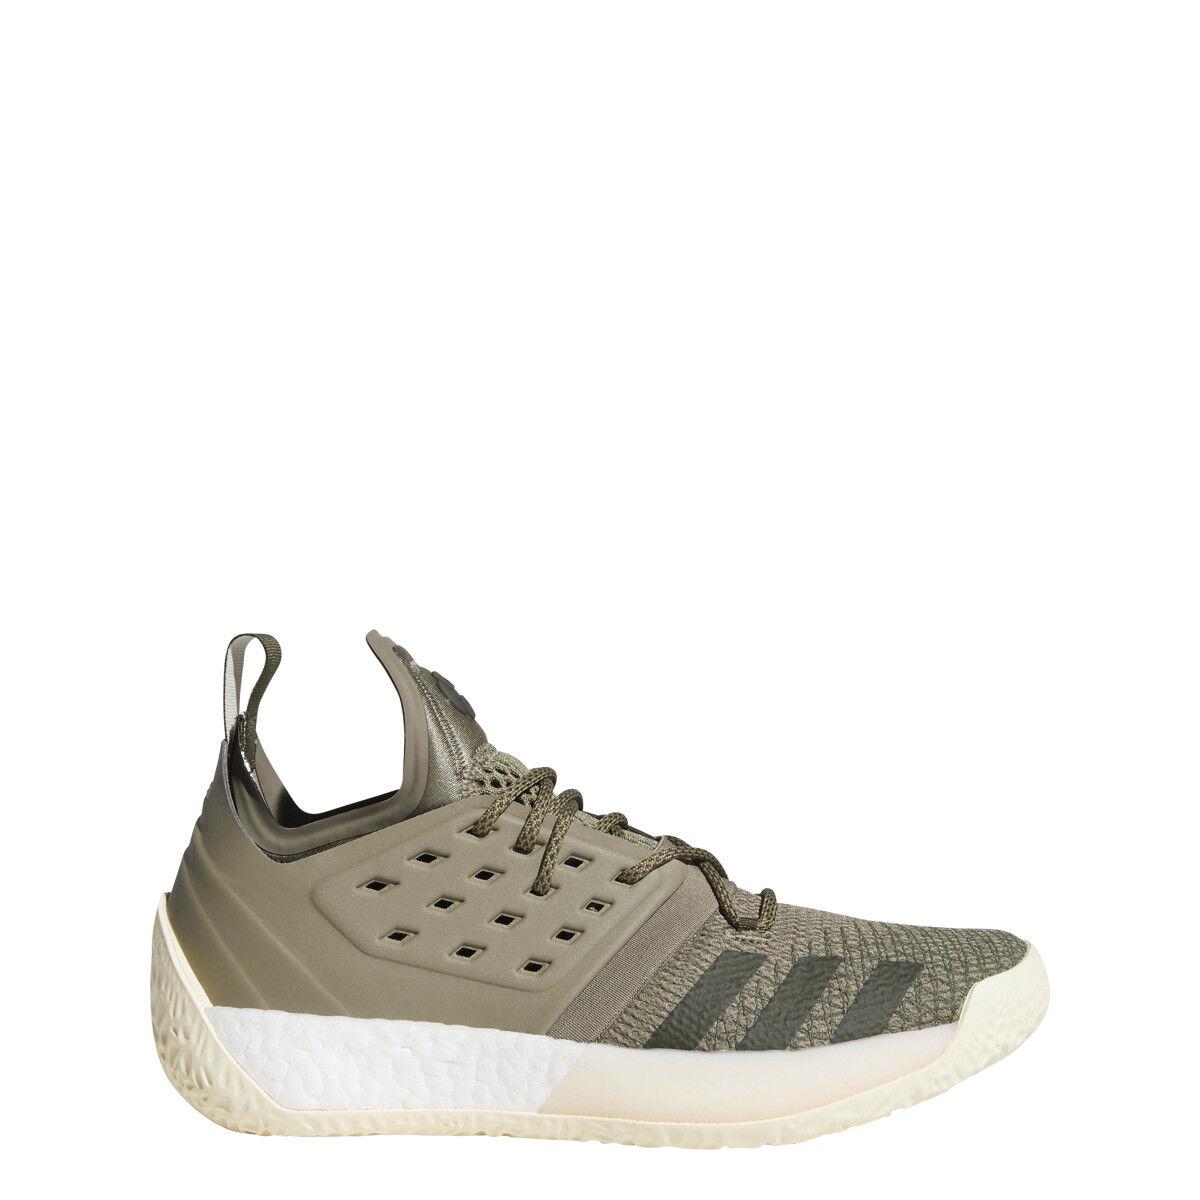 Men's Adidas Harden Vol 2 Baloncesto Zapato rastro de carga crudo Tinte noche de carga